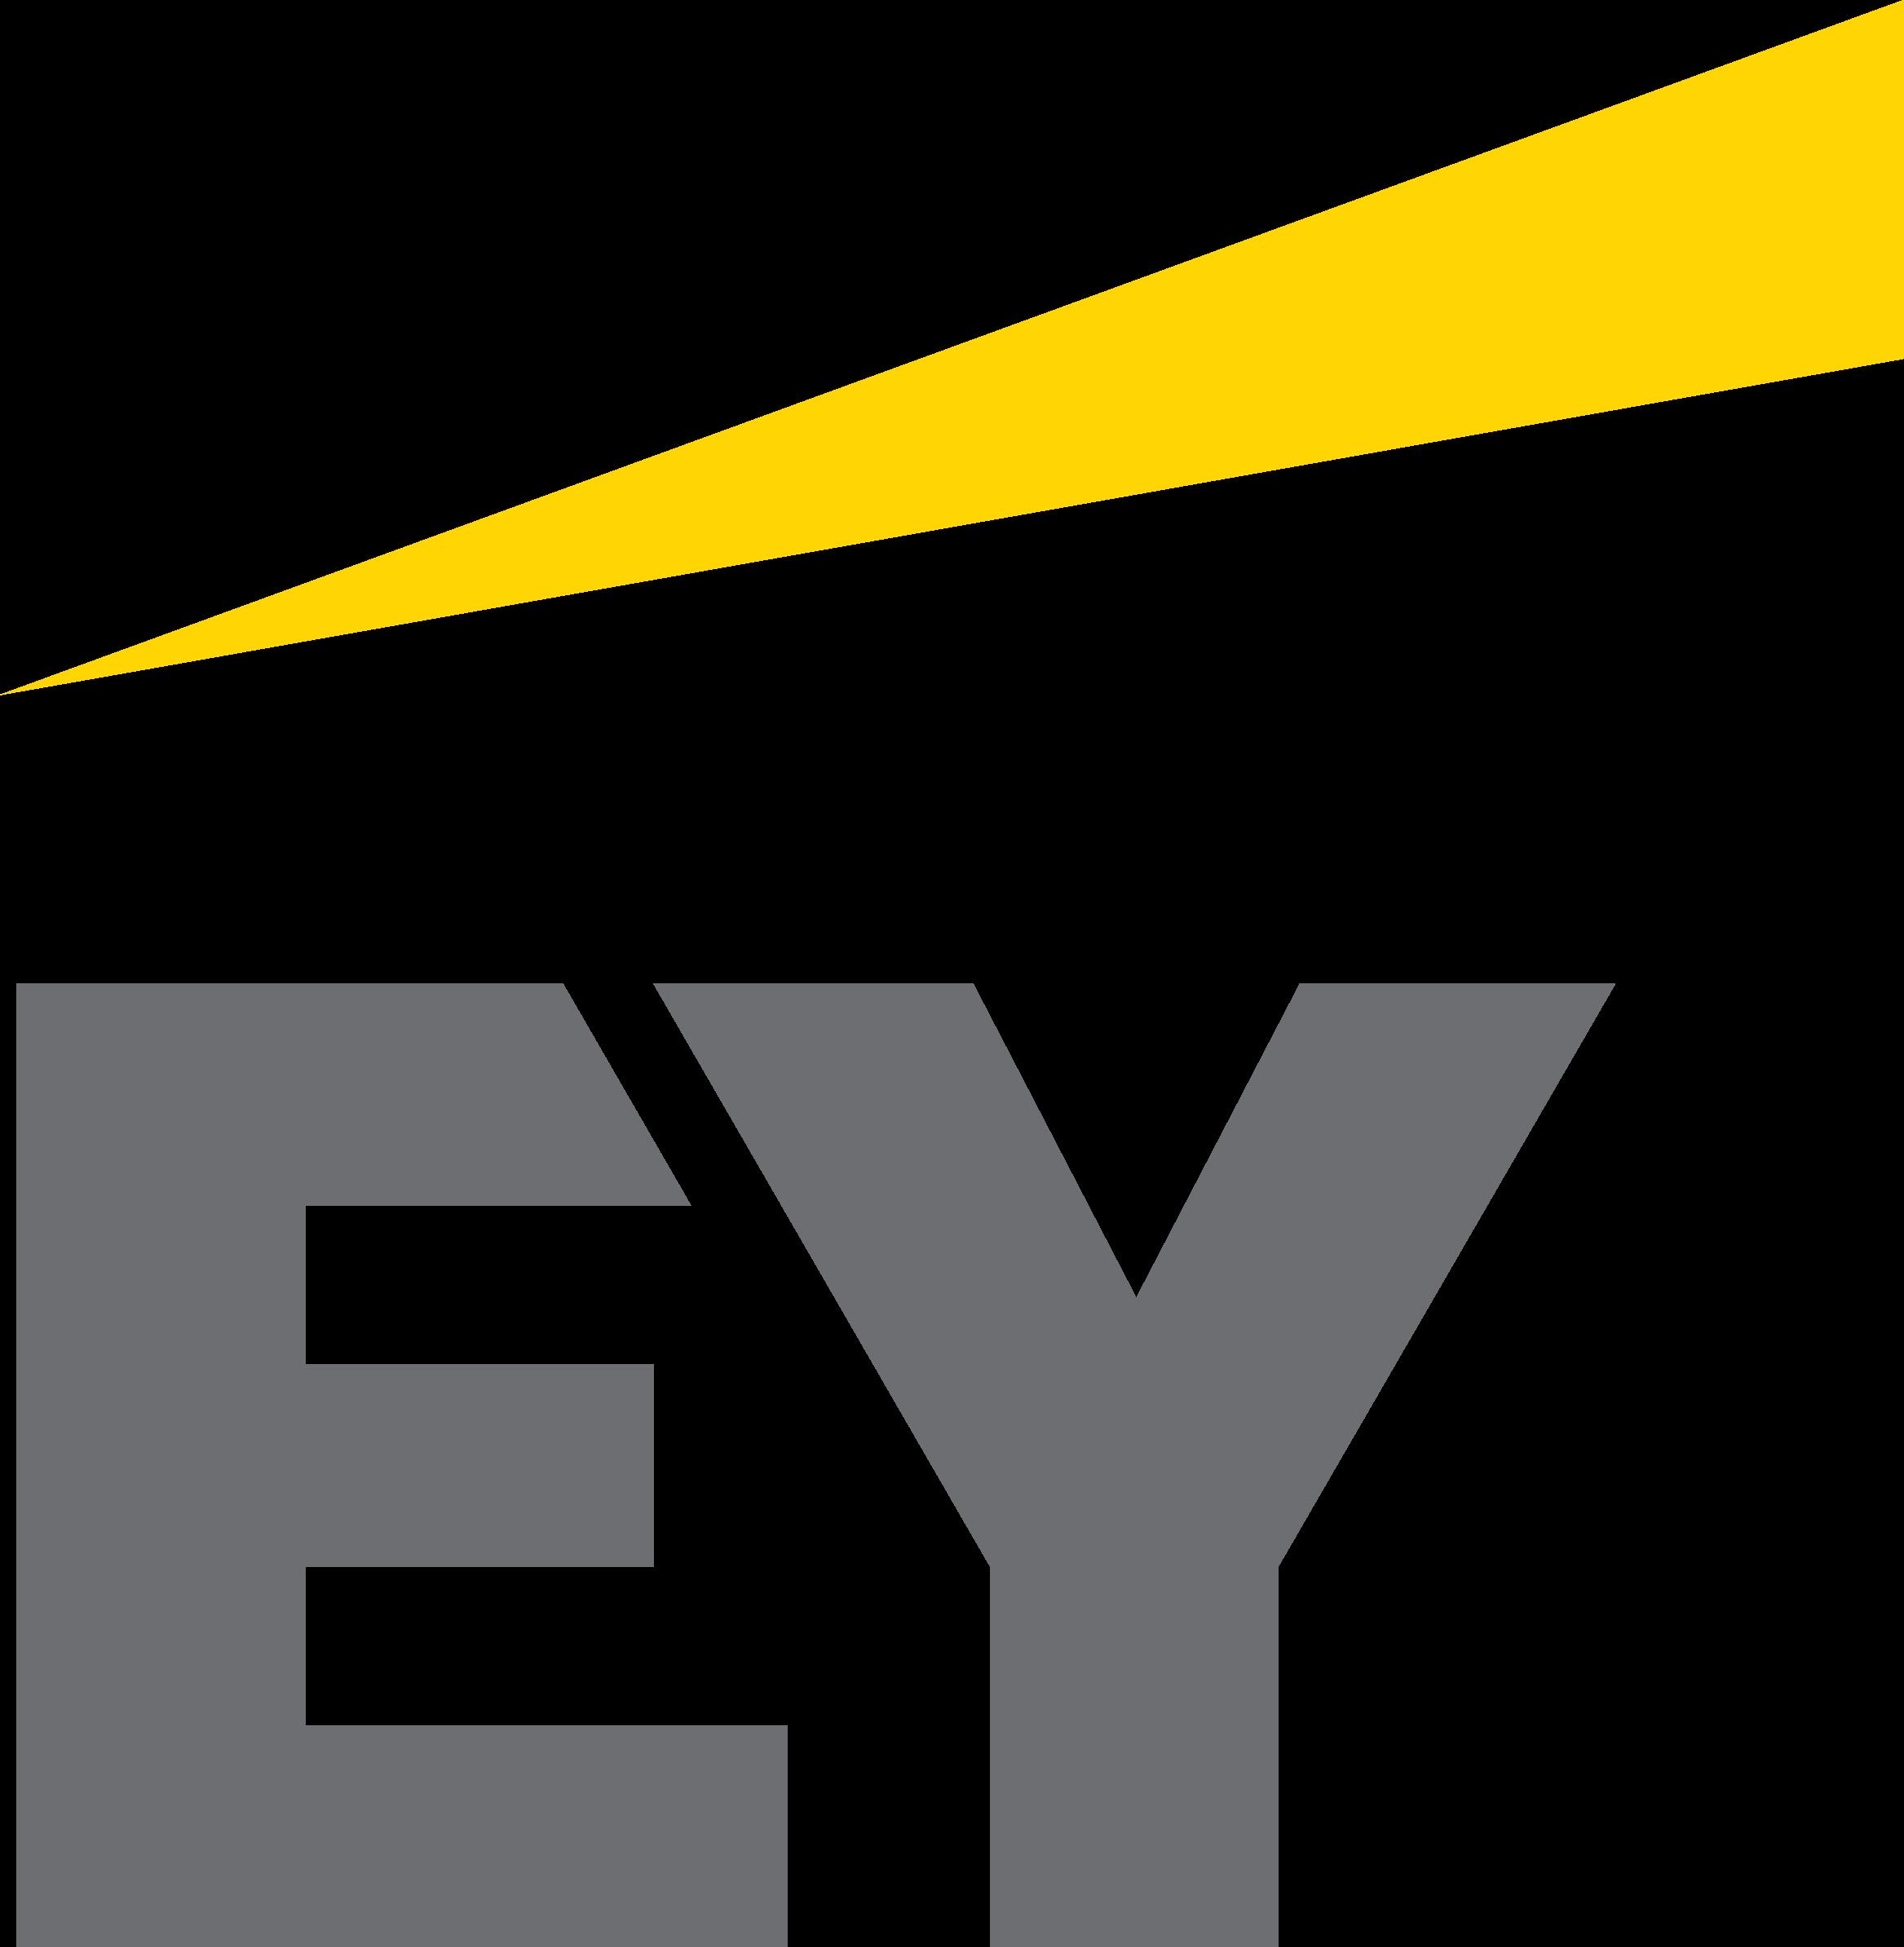 EY-2017-platinum